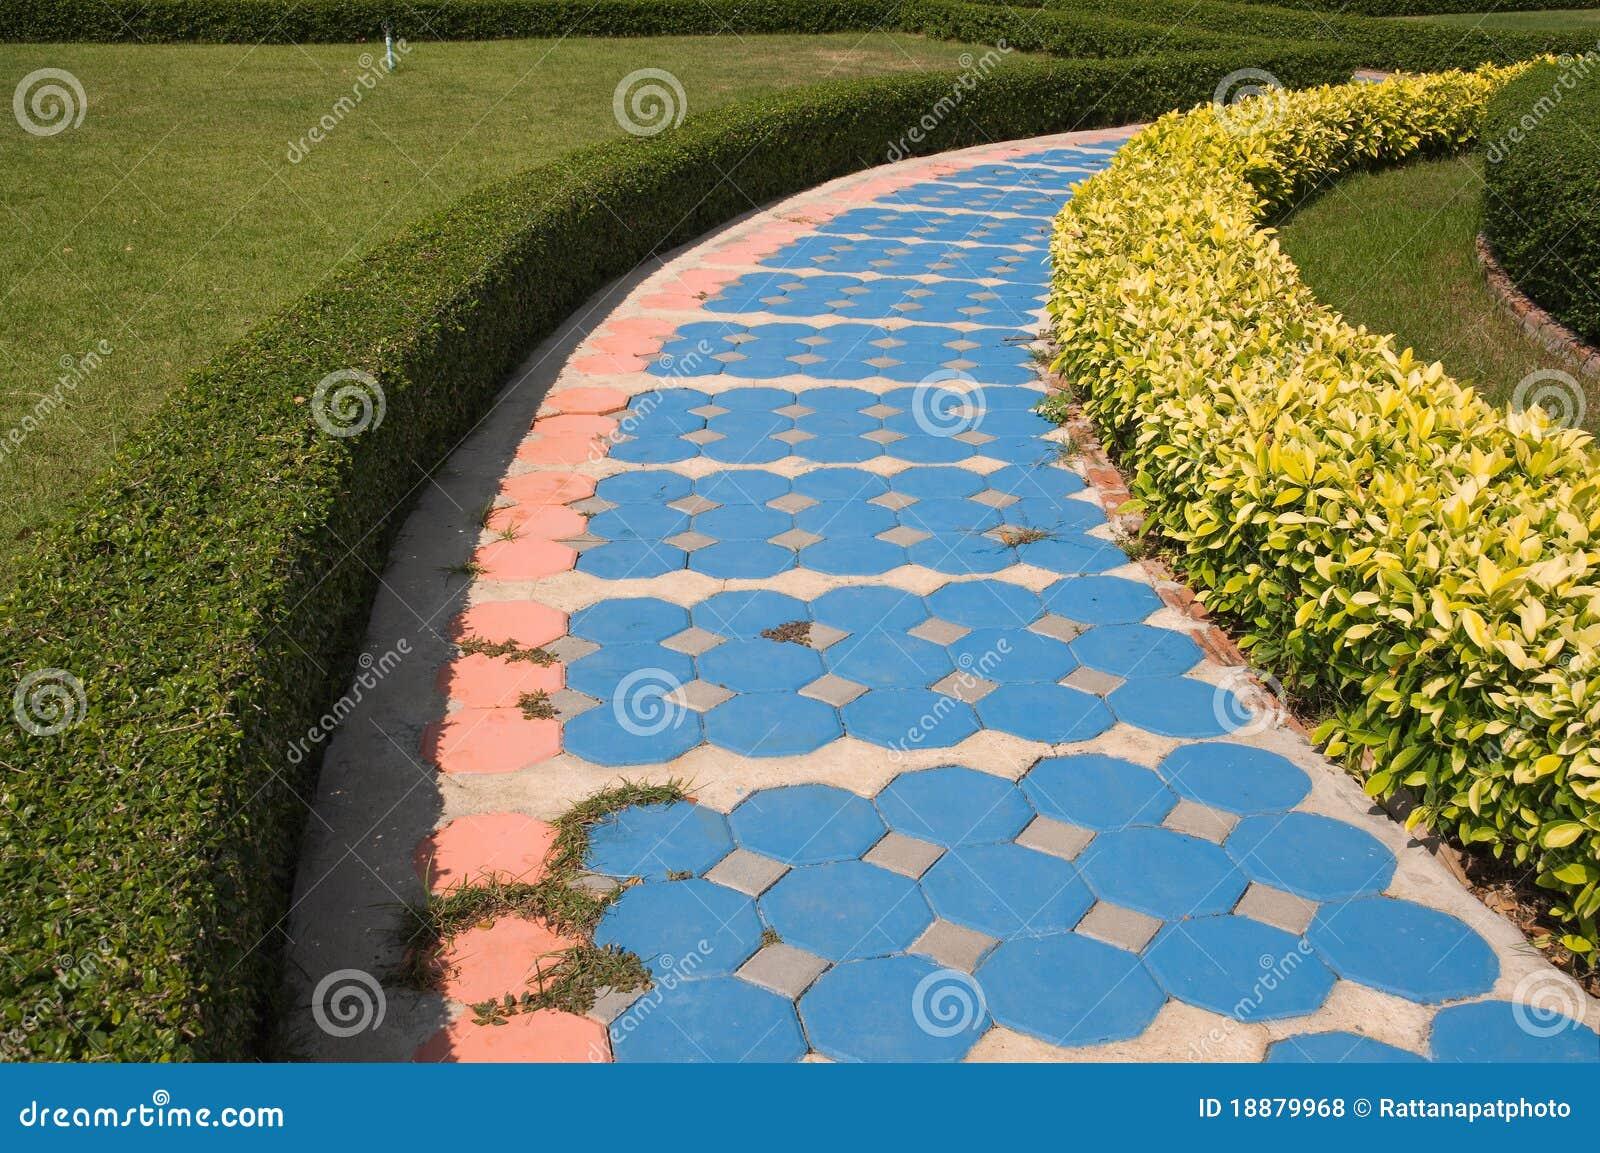 pedra jardim caminho:Caminho No Jardim Fotos de Stock Royalty Free – Imagem: 18879968